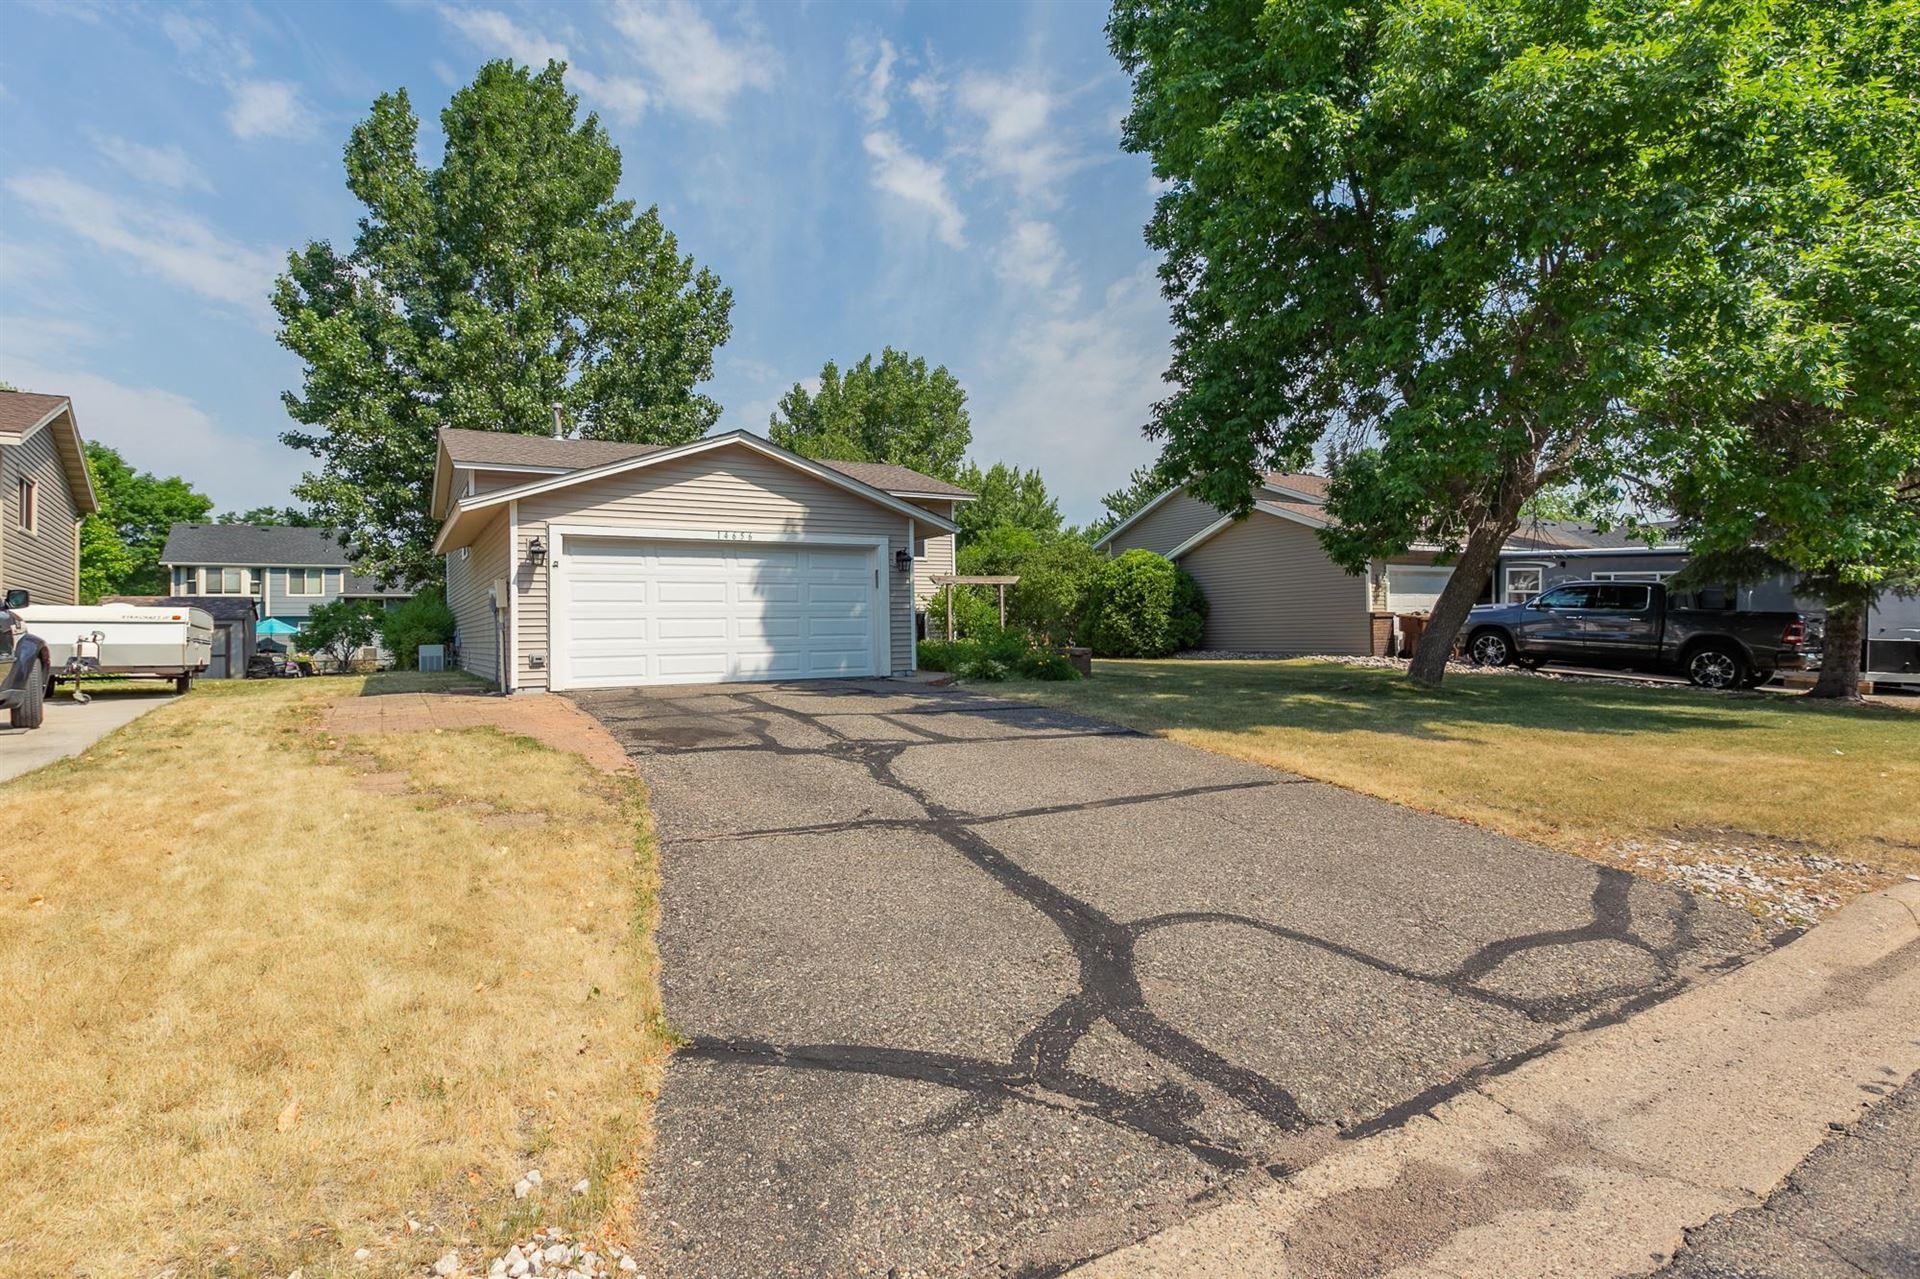 Photo of 14656 Greenridge Lane, Burnsville, MN 55306 (MLS # 6011455)